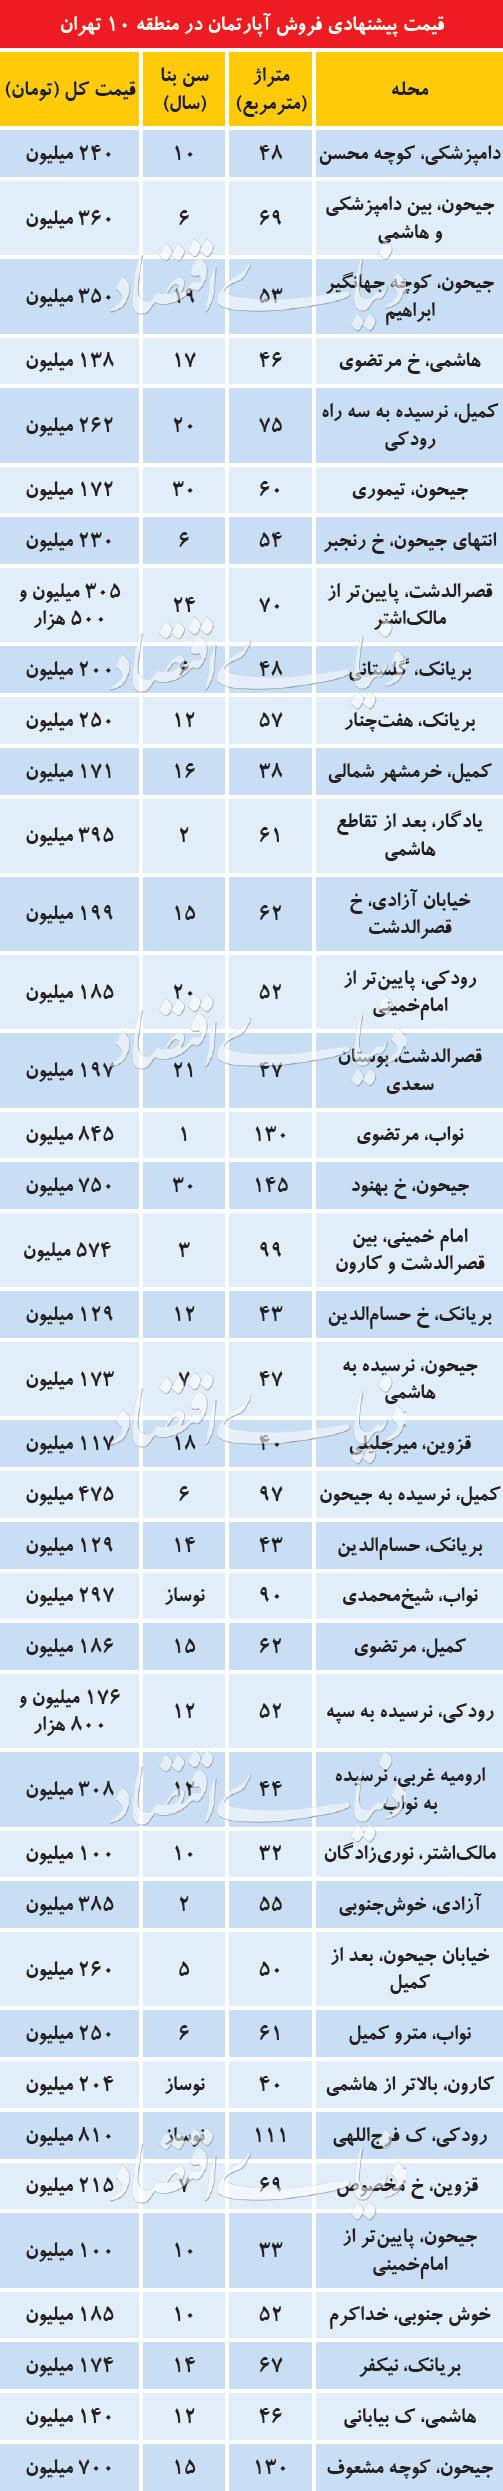 بازار مسکن در منطقه 10 تهران داغ شد